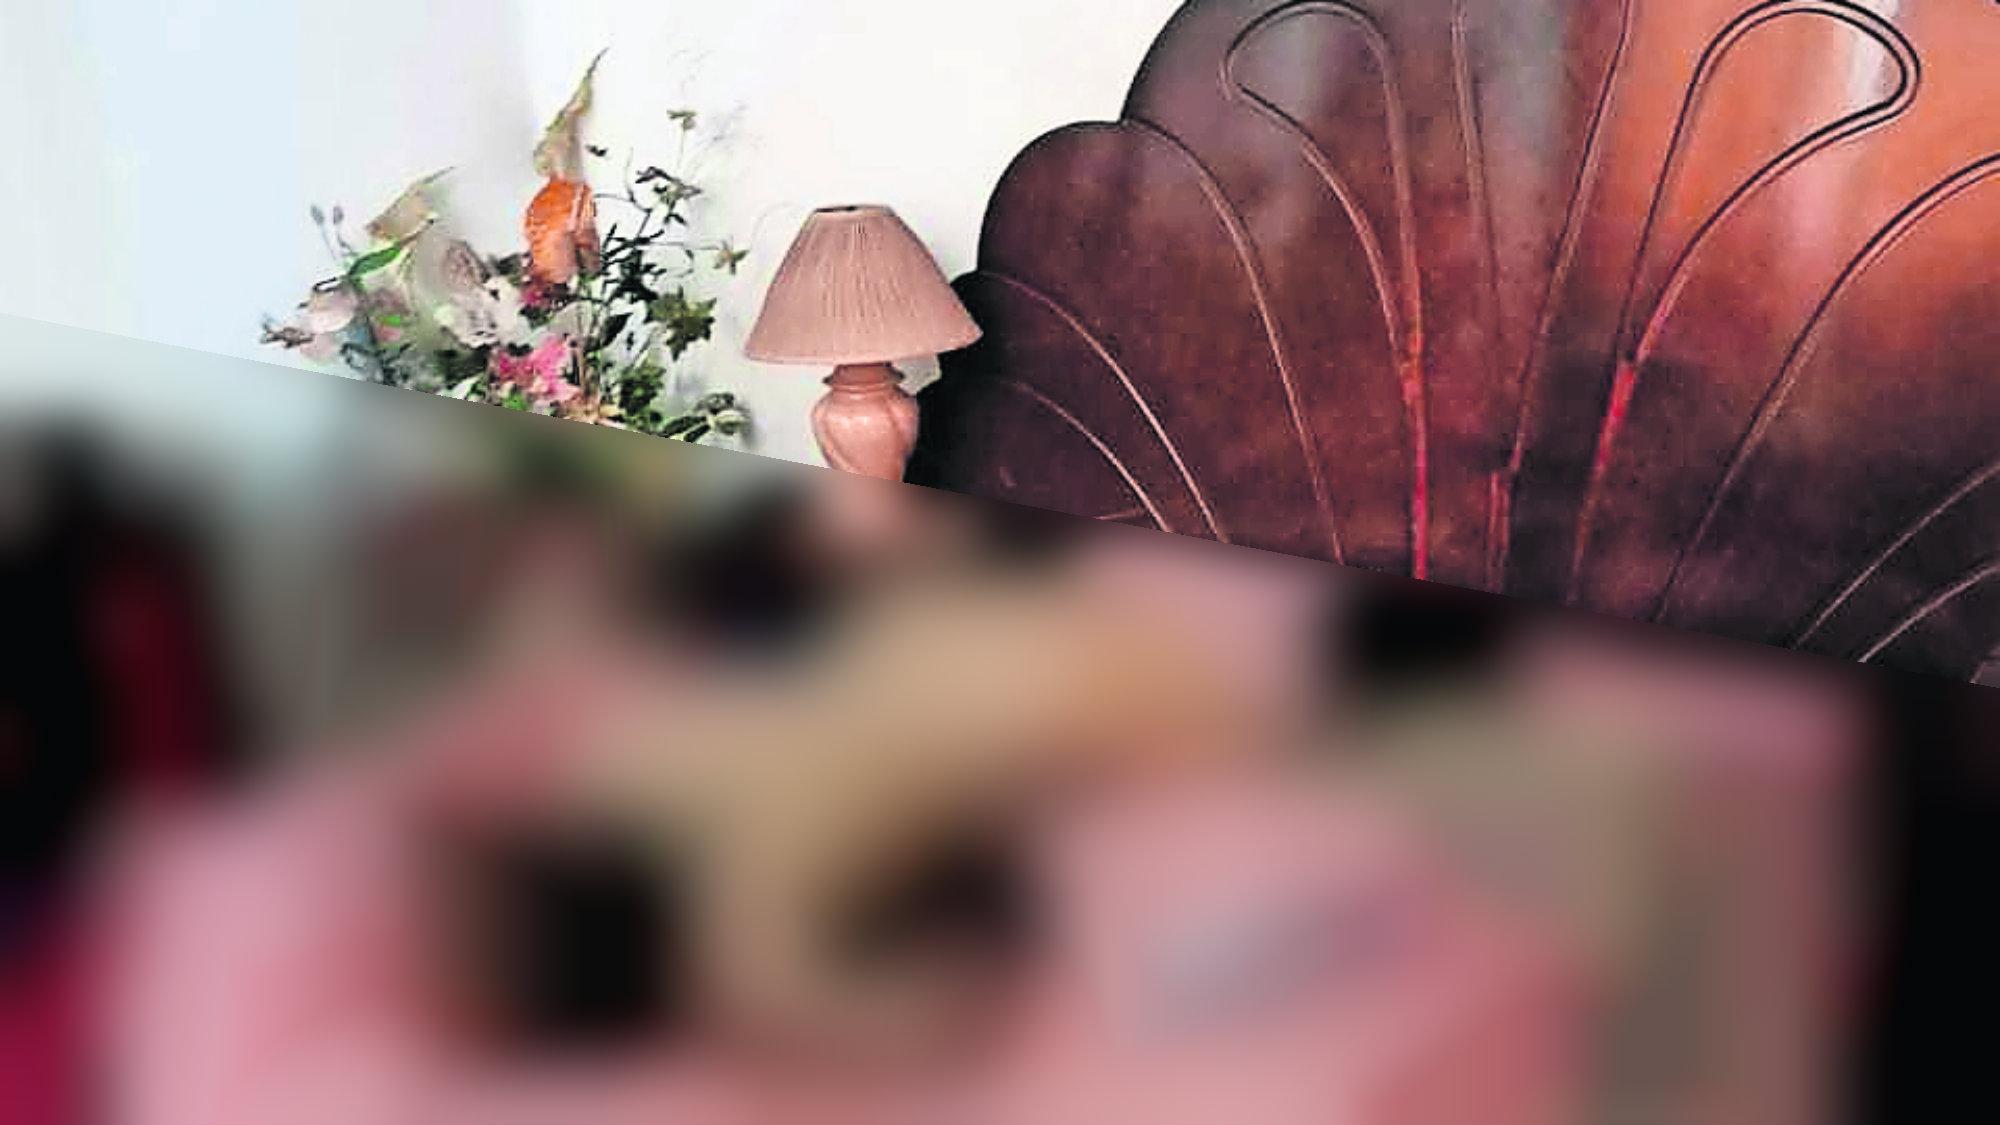 Hallan cadáver Violada y asfixiada Hipódromo Condesa CDMX